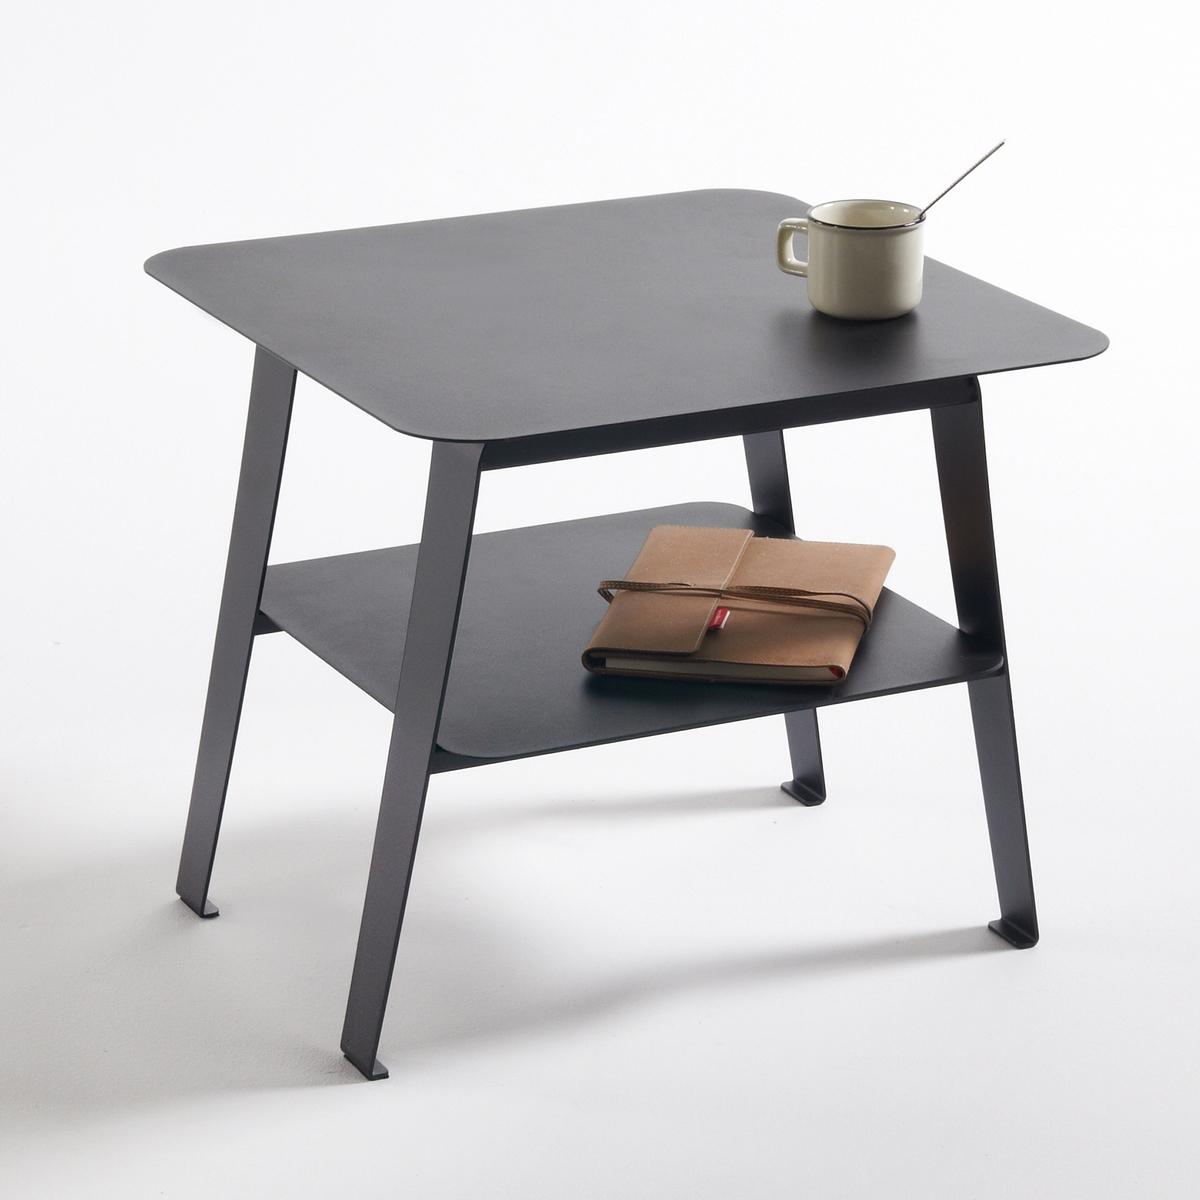 Столик диванный из стали, HibaДиванный столик из стали Hiba. Красивый дизайн, простой и практичный диванный столик из стали Hiba с 2 столешницами : в модном нео-индустриальном стиле, простая форма и веретенообразные ножки. Описание диванного столика Hiba :Две столешницы.Расположенные под небольшим углом ножки в стиле 50-х годов.Характеристики диванного столика Hiba :Матовая лакированная сталь, покрытие эпоксидной краской.Всю коллекцию Hiba вы можете найти на сайте laredoute.ruРазмеры диванного столика Hiba :Общие размерыШирина : 45 смВысота : 40 смГлубина : 45 смРазмеры и вес упаковки :1 упаковкаШ.59 x В.12,5 x Г.65,5 см9,5 кгДоставка:Доставка на этаж по предварительной записи!Внимание!Убедитесь в том, что размеры дверей, лестниц,лифтов позволяют доставить товар в упаковке до квартиры.<br><br>Цвет: черный